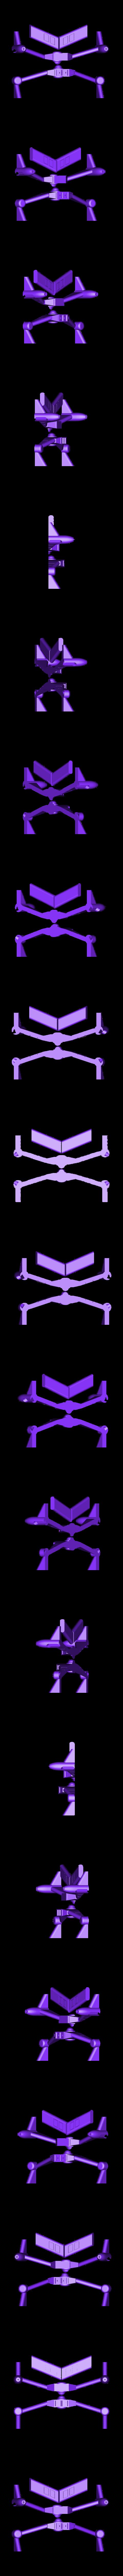 RanPylons.stl Download free STL file Ranger Class (Star Trek Online) • 3D printing design, anotherthing